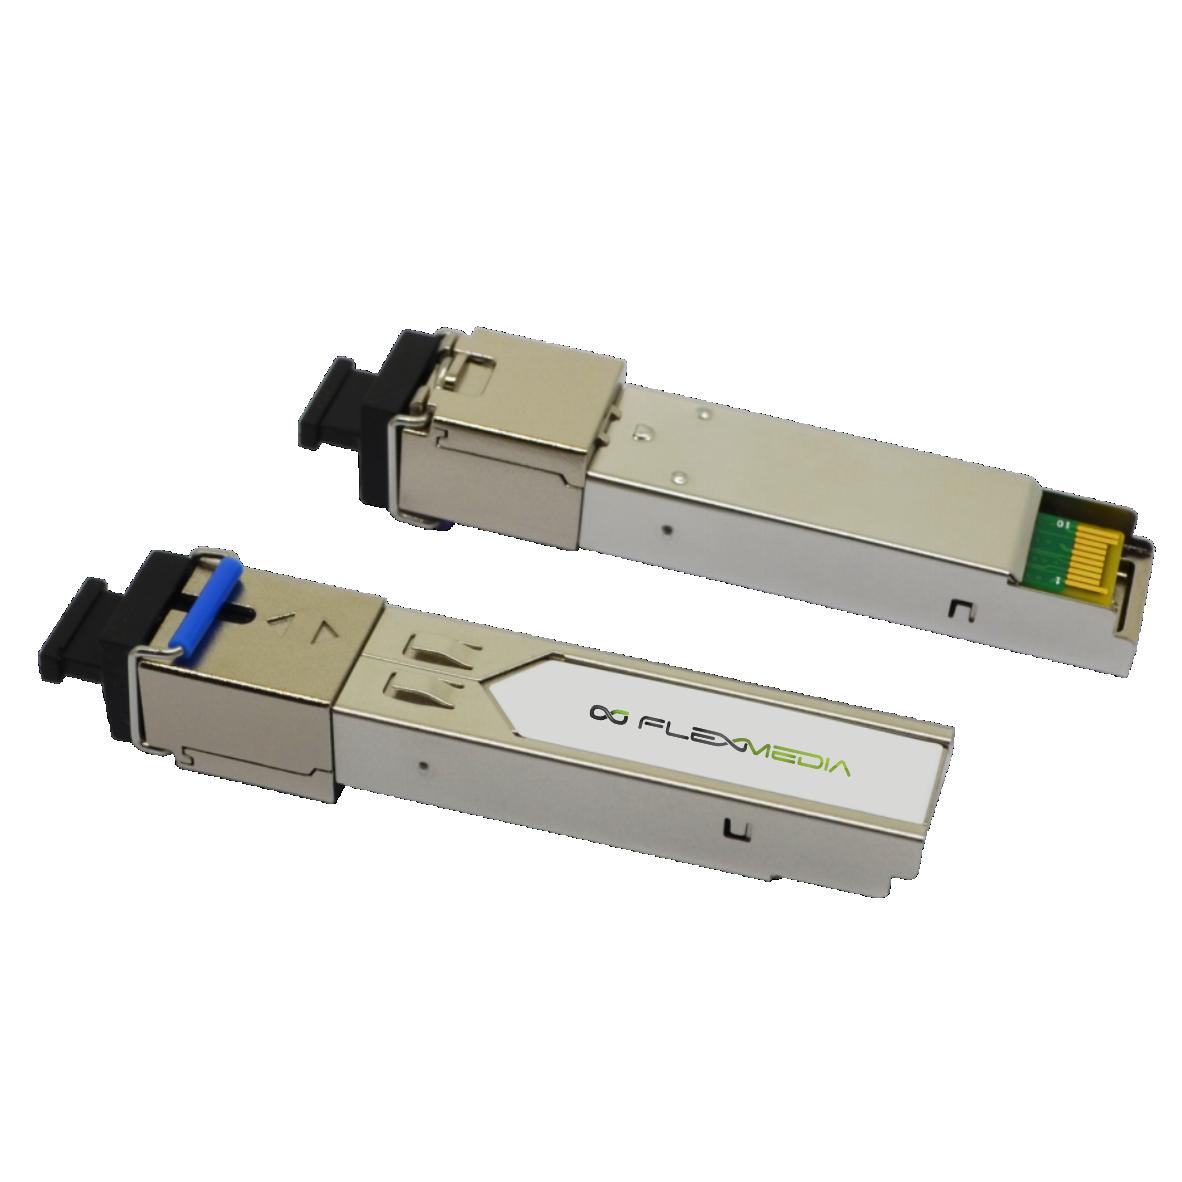 Mini Gbic - Transceivers